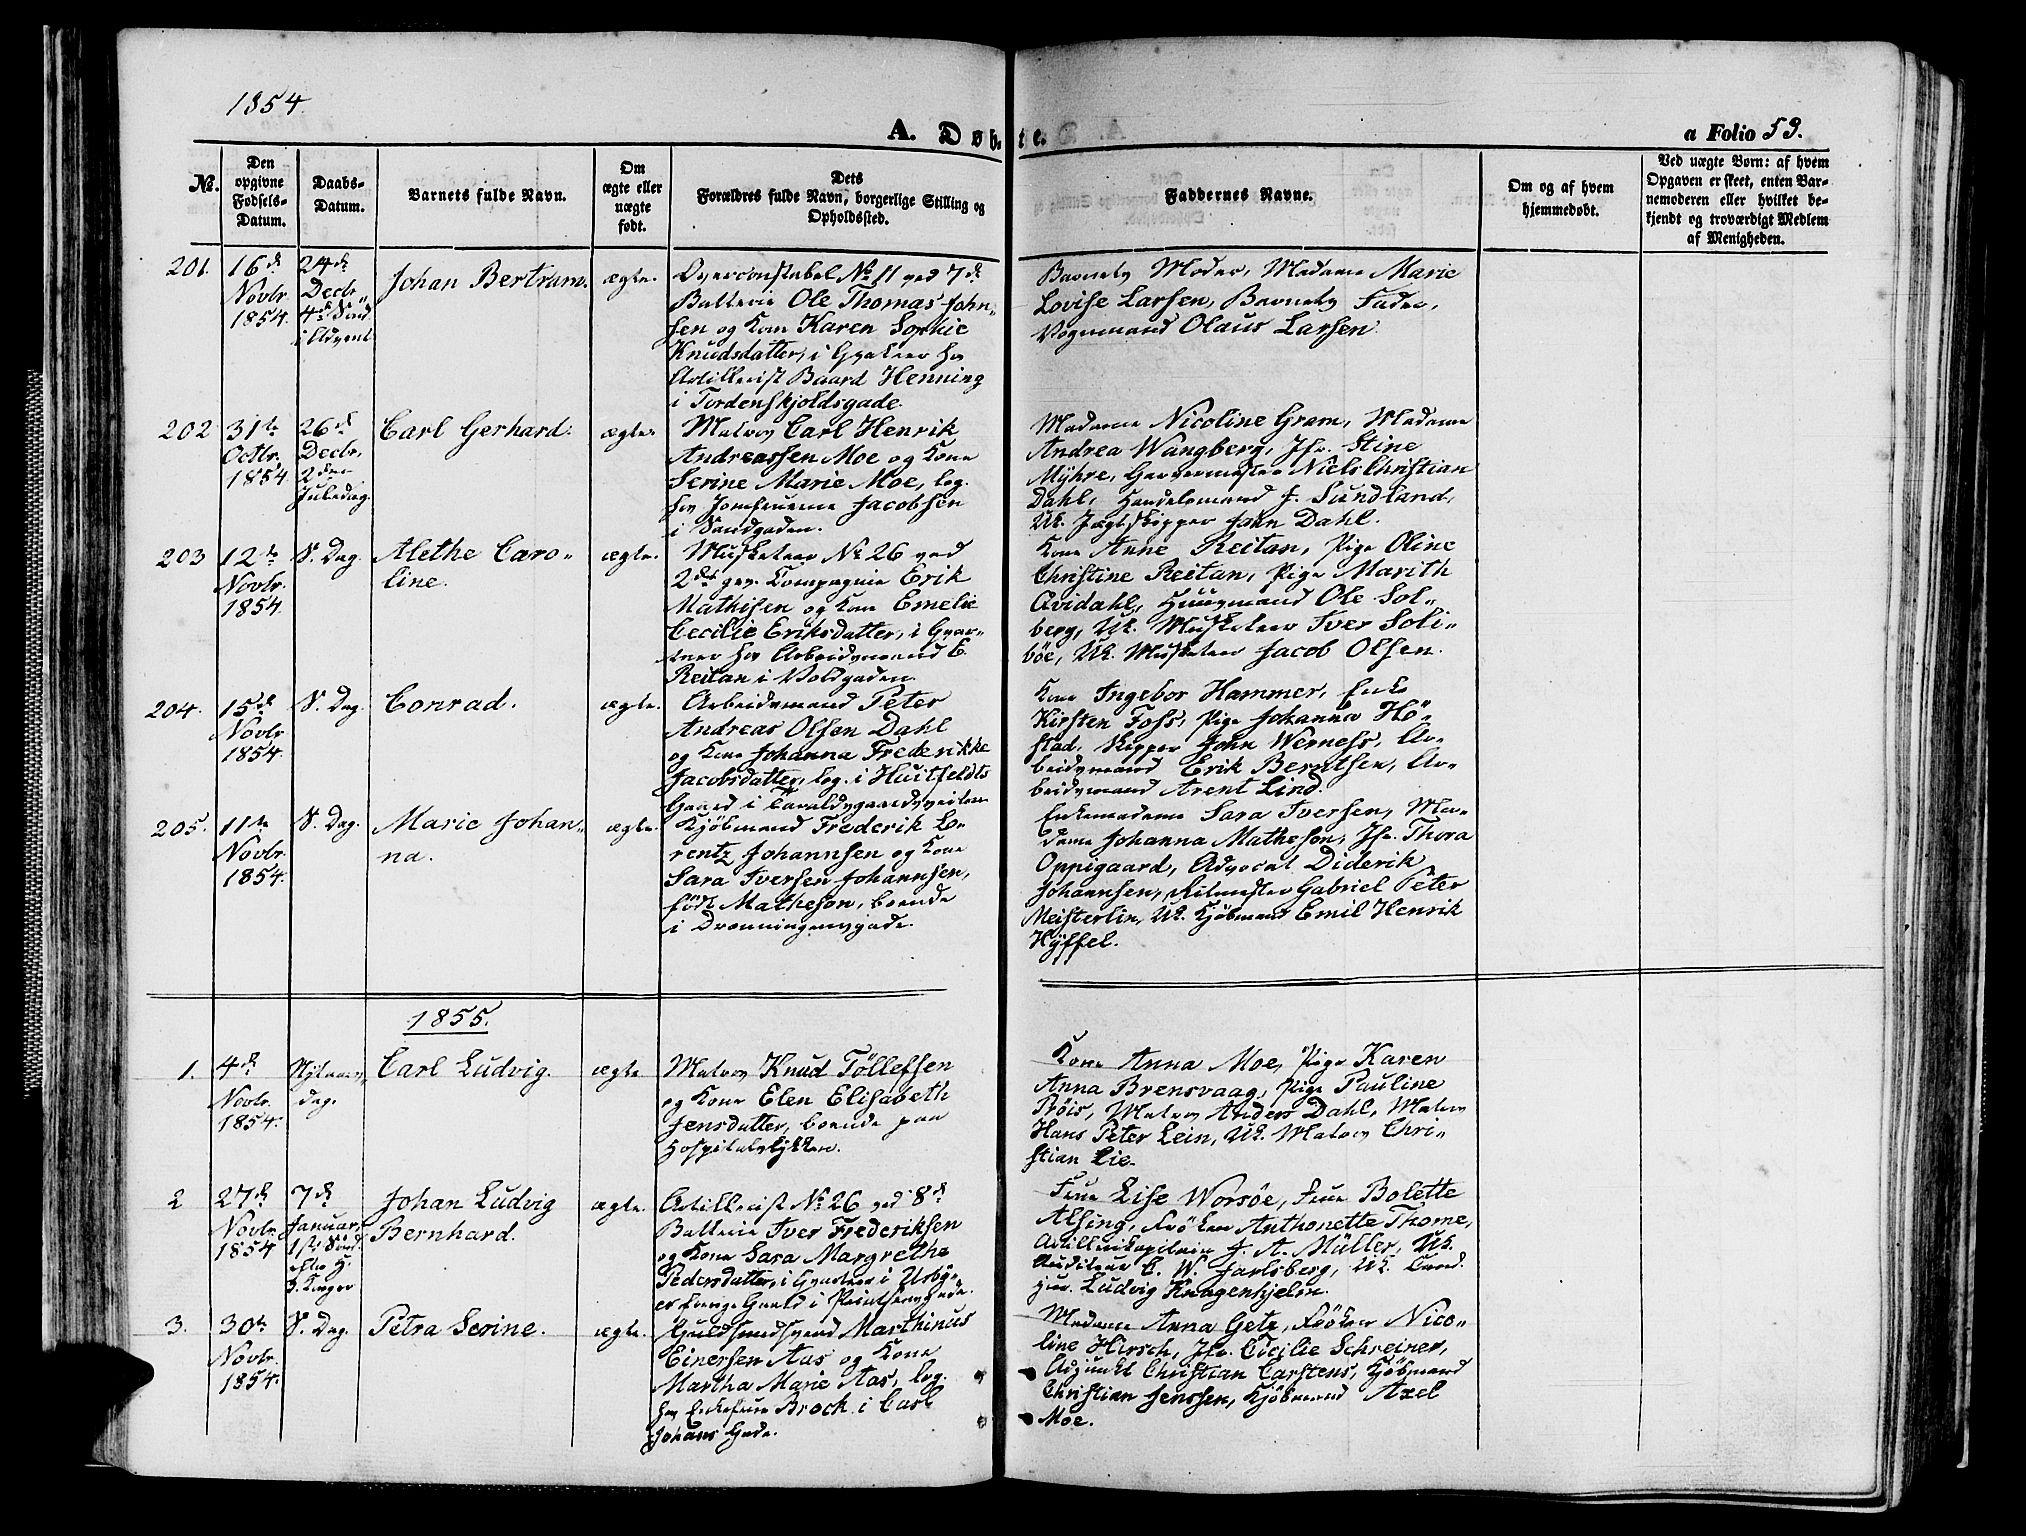 SAT, Ministerialprotokoller, klokkerbøker og fødselsregistre - Sør-Trøndelag, 602/L0138: Klokkerbok nr. 602C06, 1853-1858, s. 53